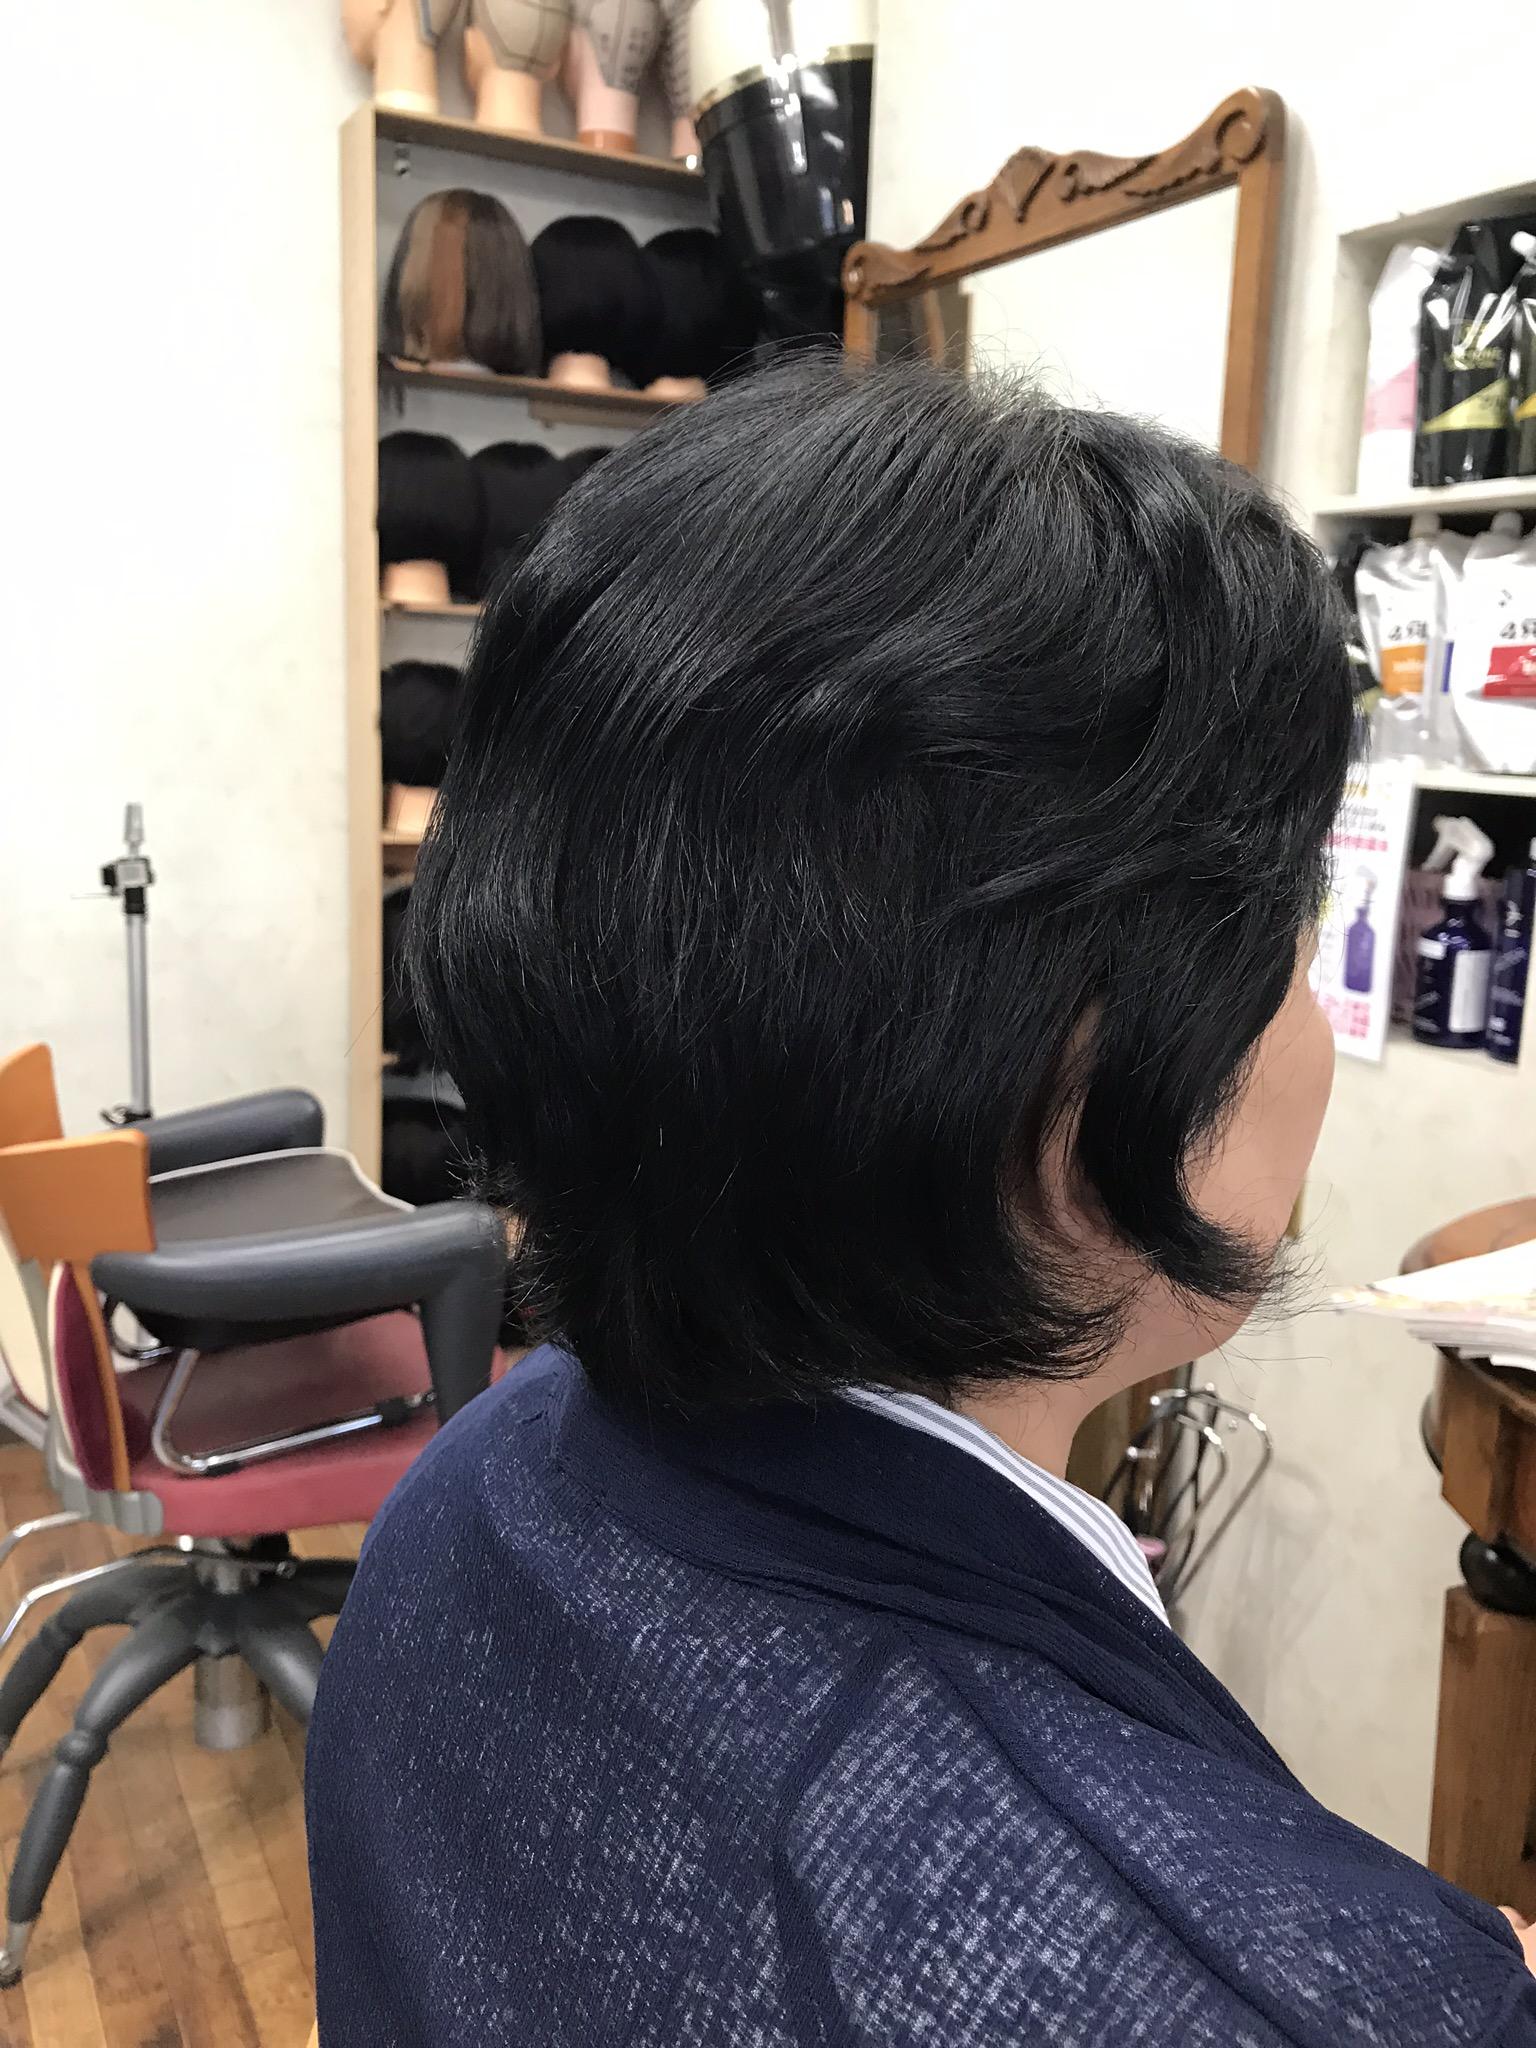 ブログを見て初来店 ヘナとキュビズムカットはくせ毛の味方です